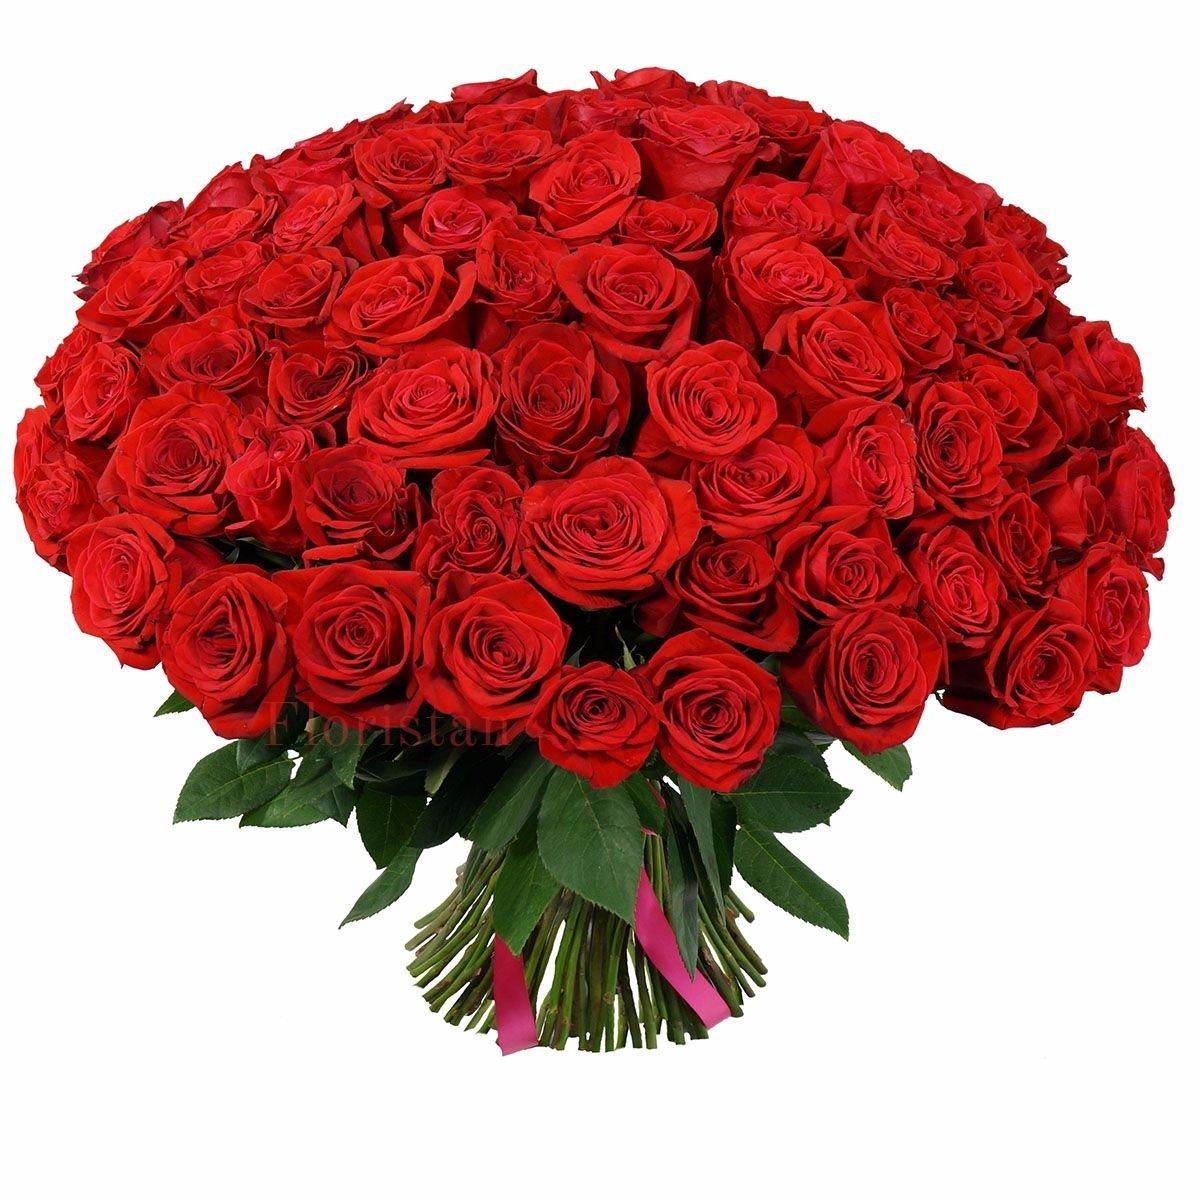 Спираль роз, цветы каталог с доставкой минске